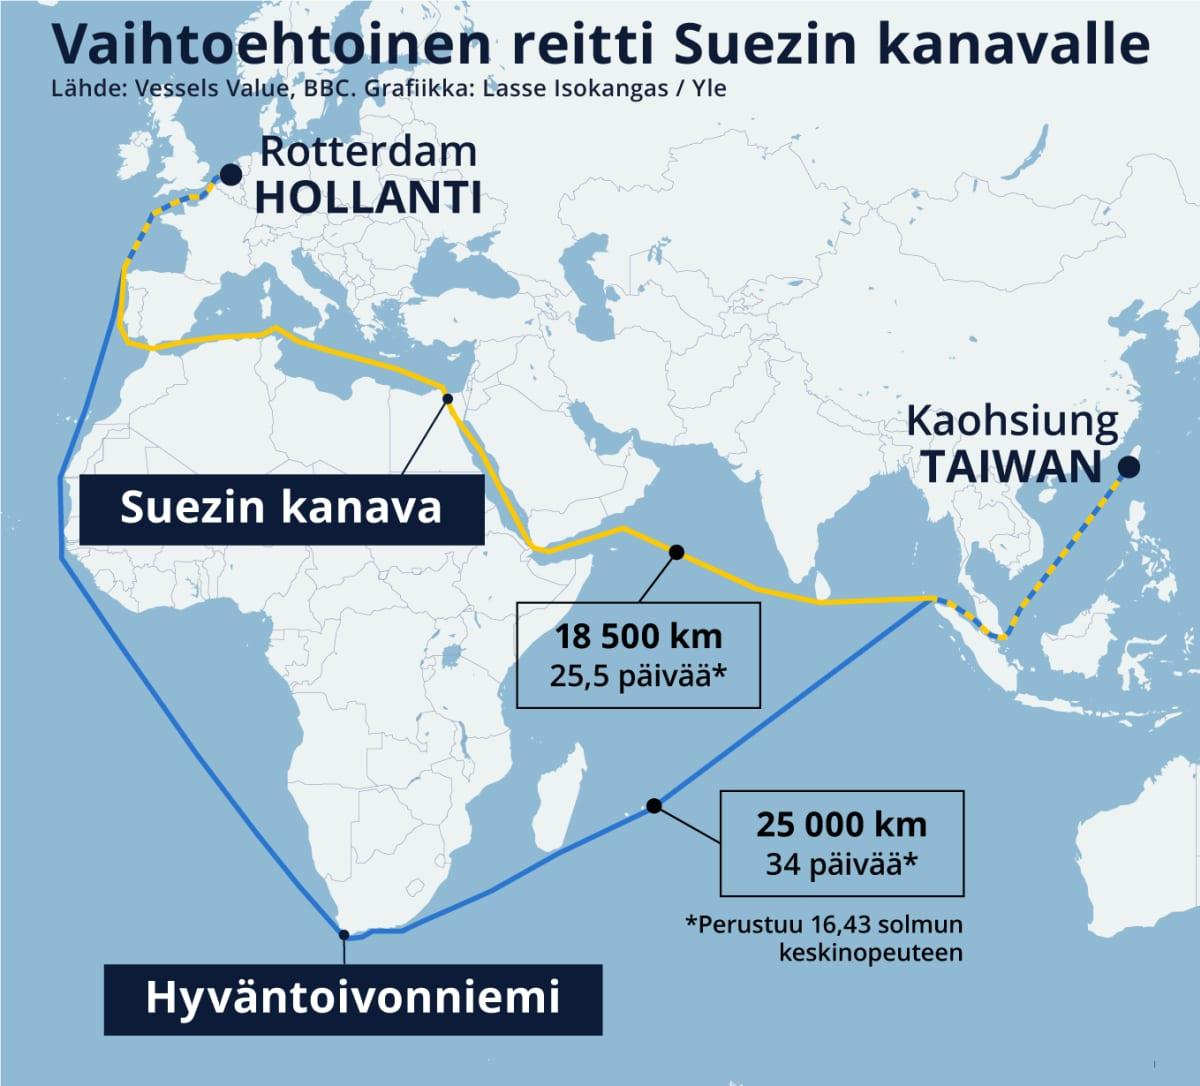 Karttagrafiikka vaihtoehtoisesta laivareitistä Kaohsiungista, Taiwanista Rotterdamiin, Hollantiin Suezin kanavan sijasta Hyväntoivonniemen kautta. 25,5 päivän sijasta matka kestäisi 34 päivää.